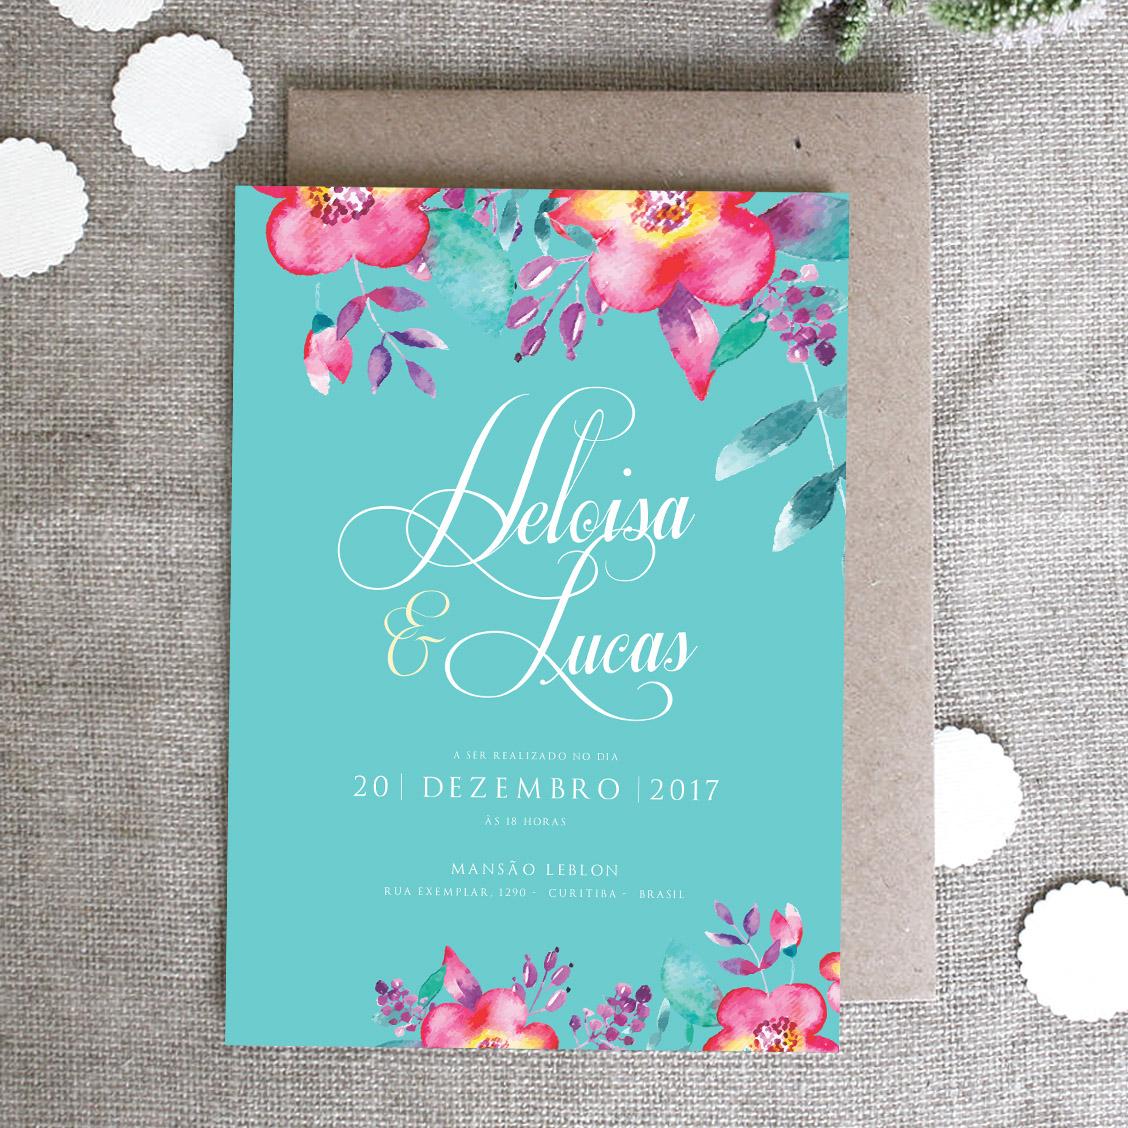 Convite de Casamento Tiffany Flowers – Papel e Letra Convites de Casamento 88d6232ad3